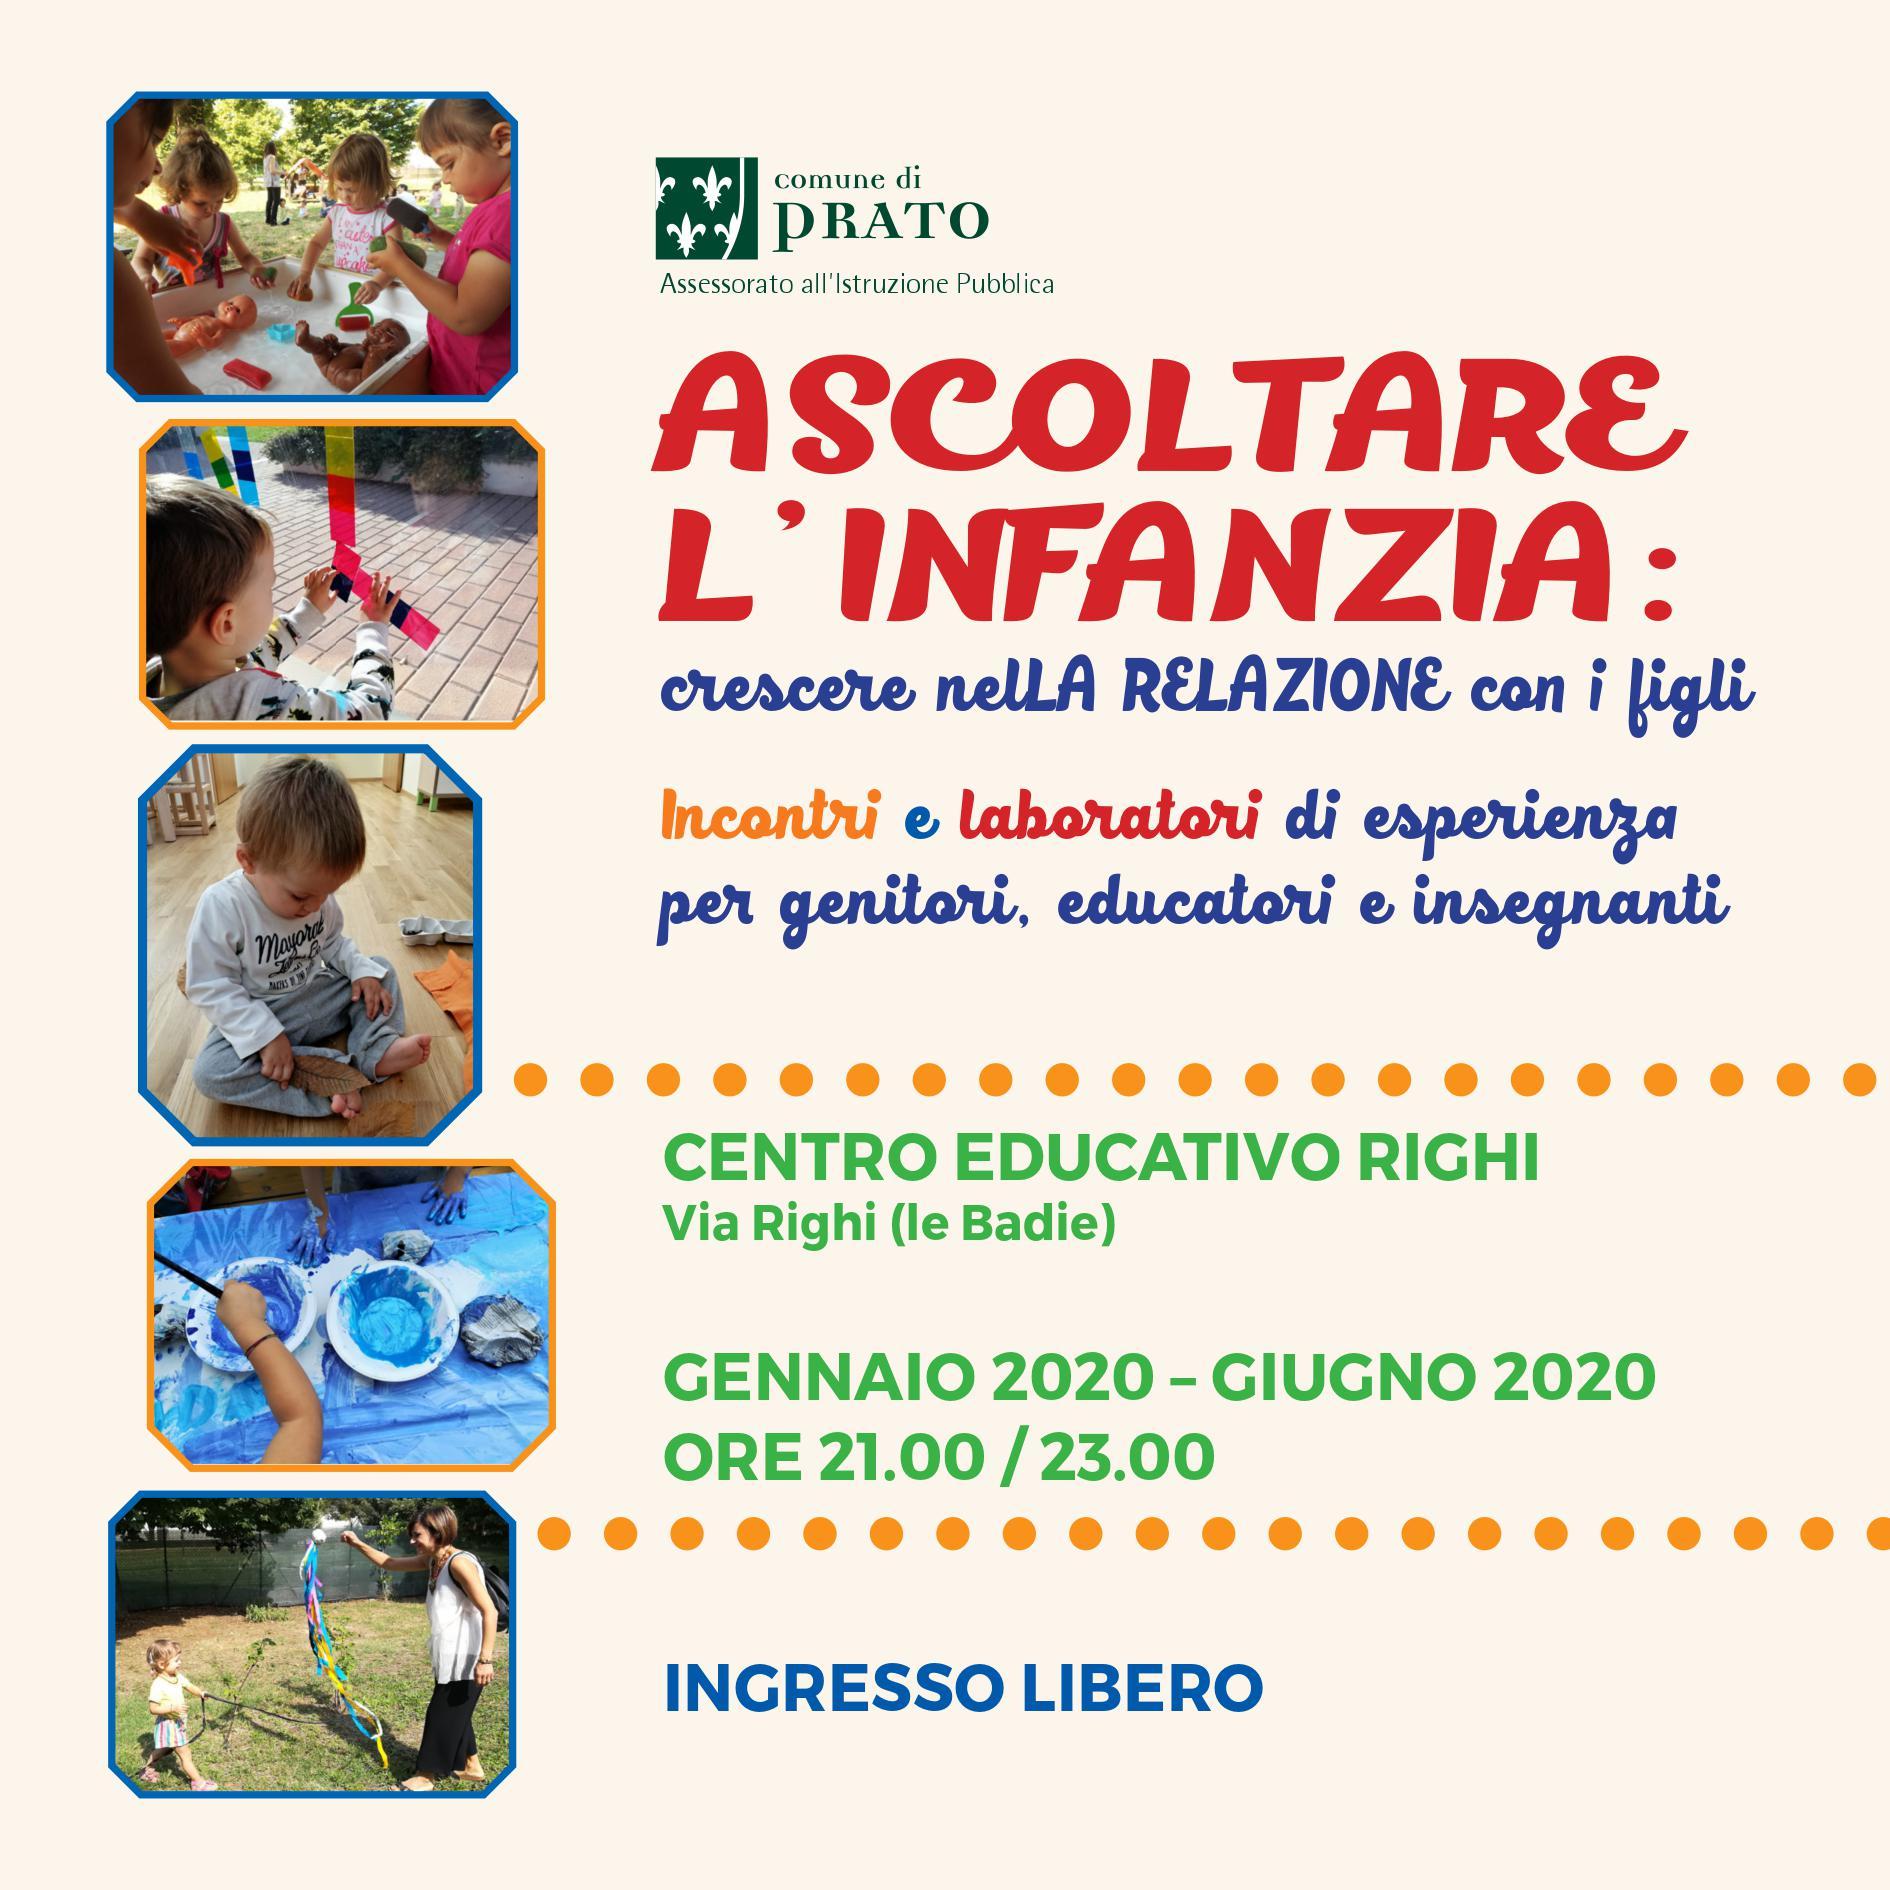 Ascoltare l'infanzia 2020 Prato